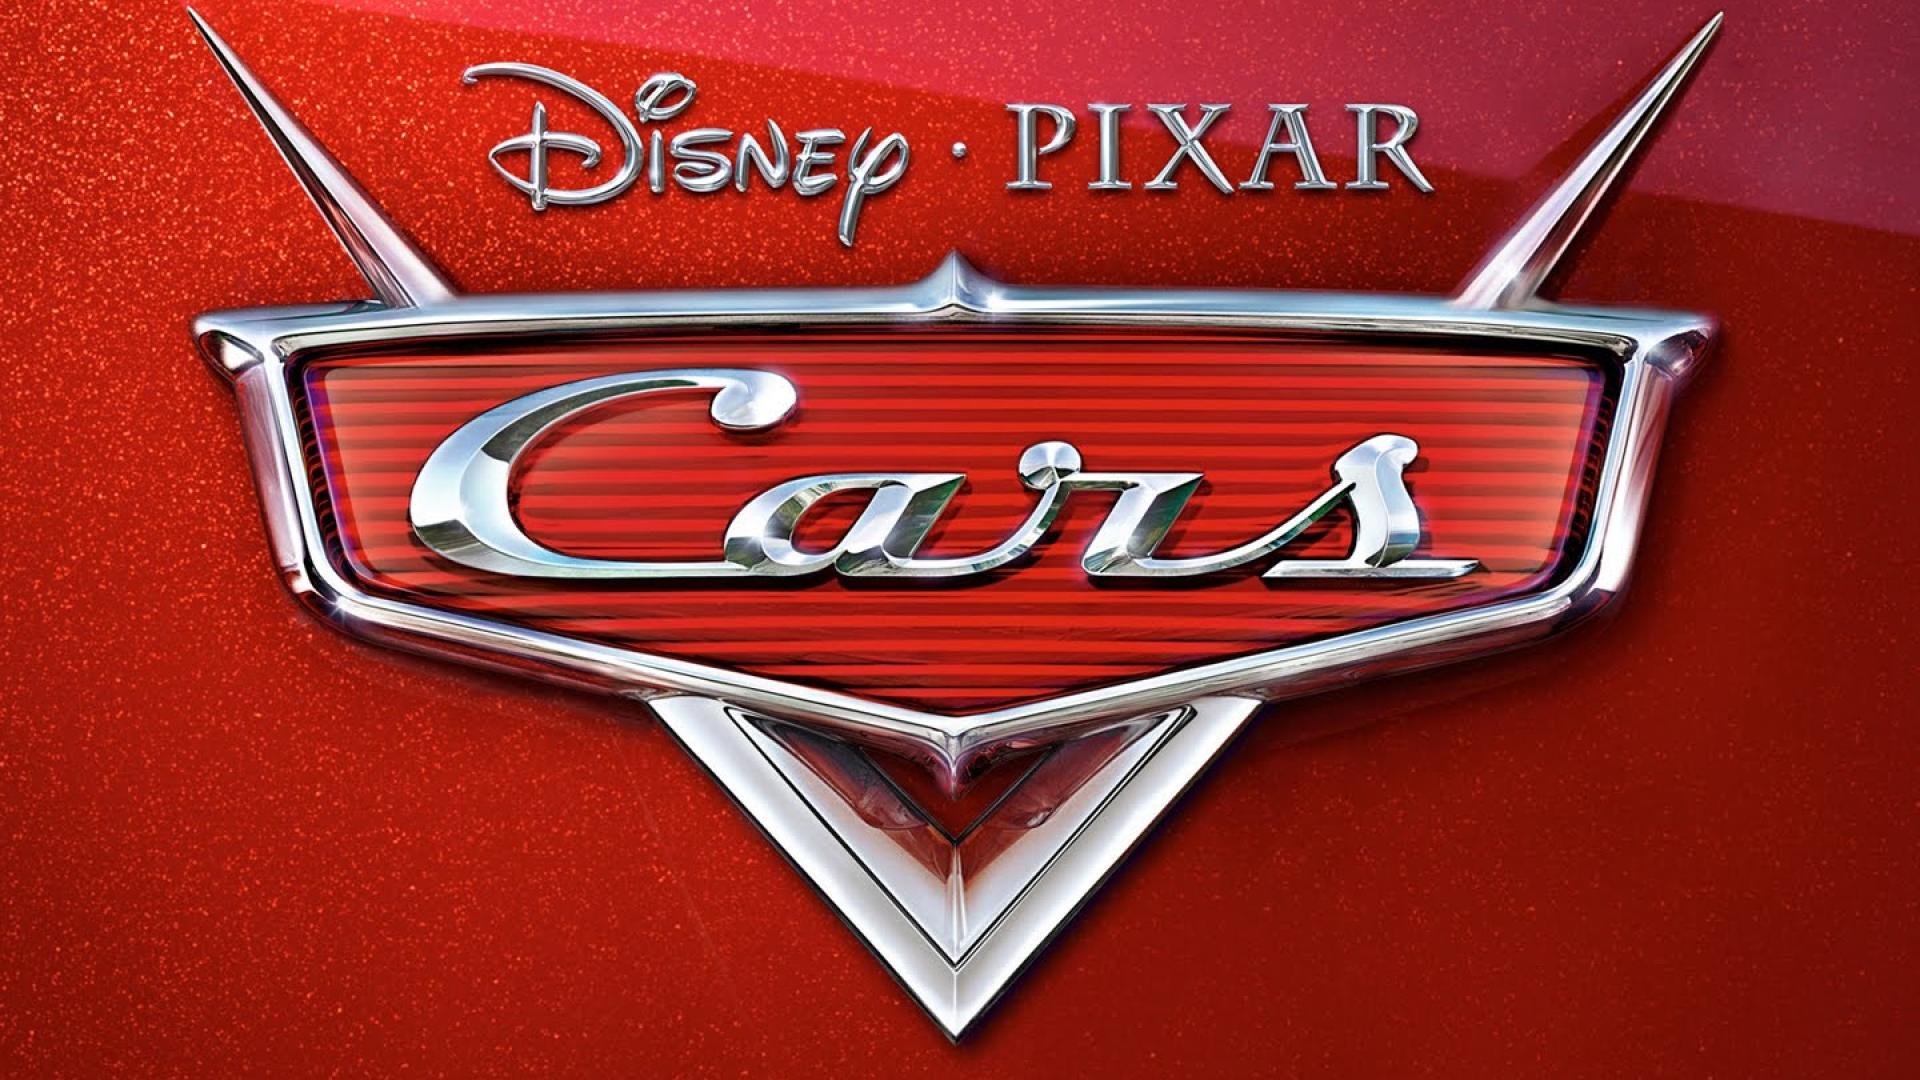 Free Download Download Disney Pixar Cars Wallpaper Hd Wallpaper